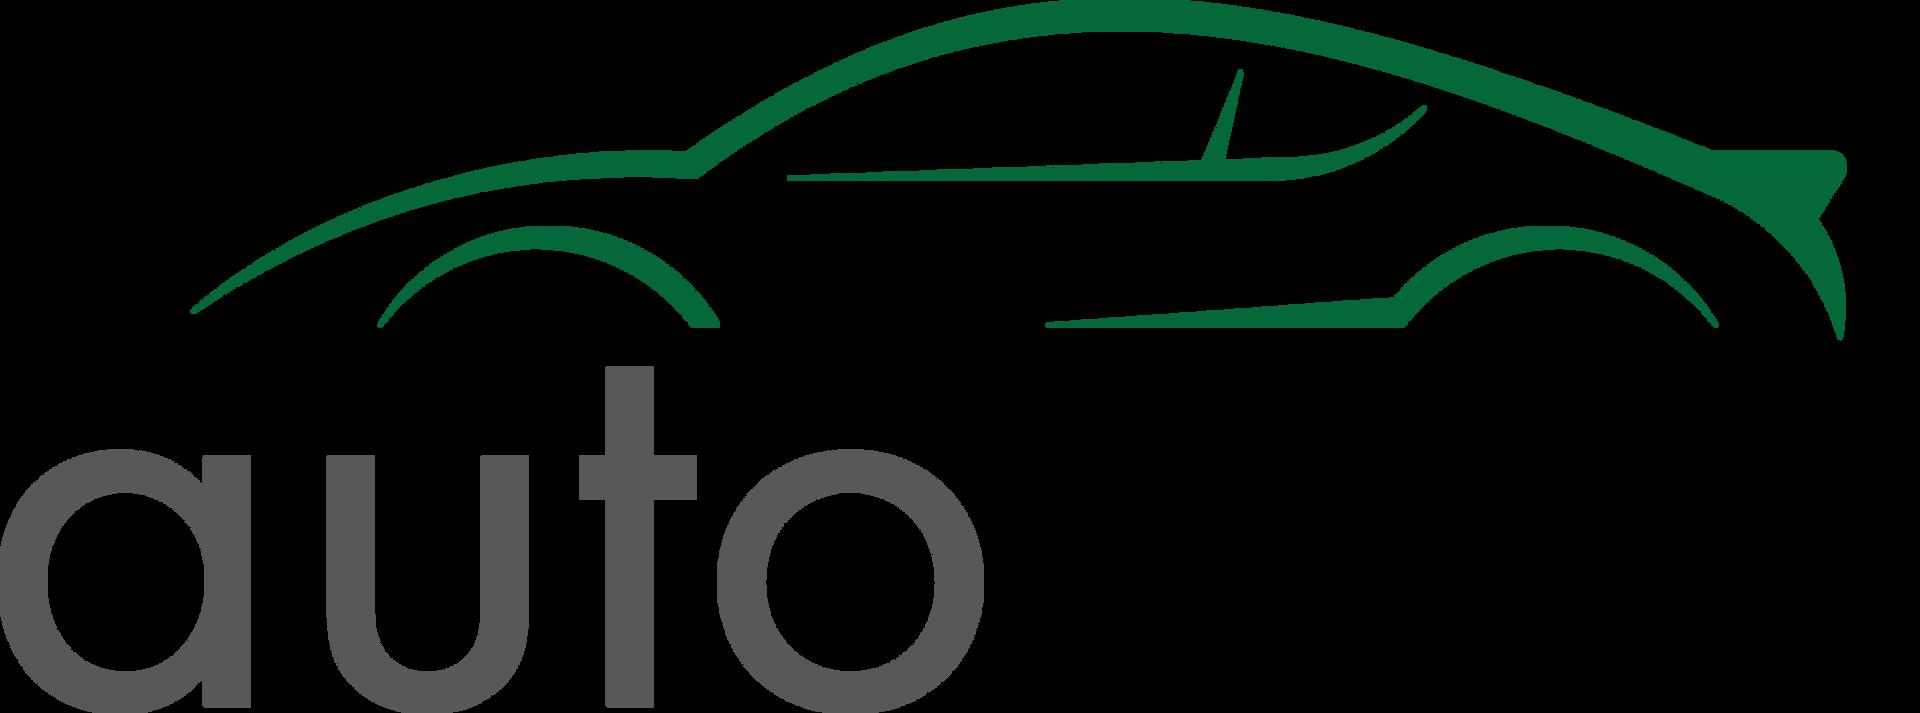 AutoPlus_logo_colour.png